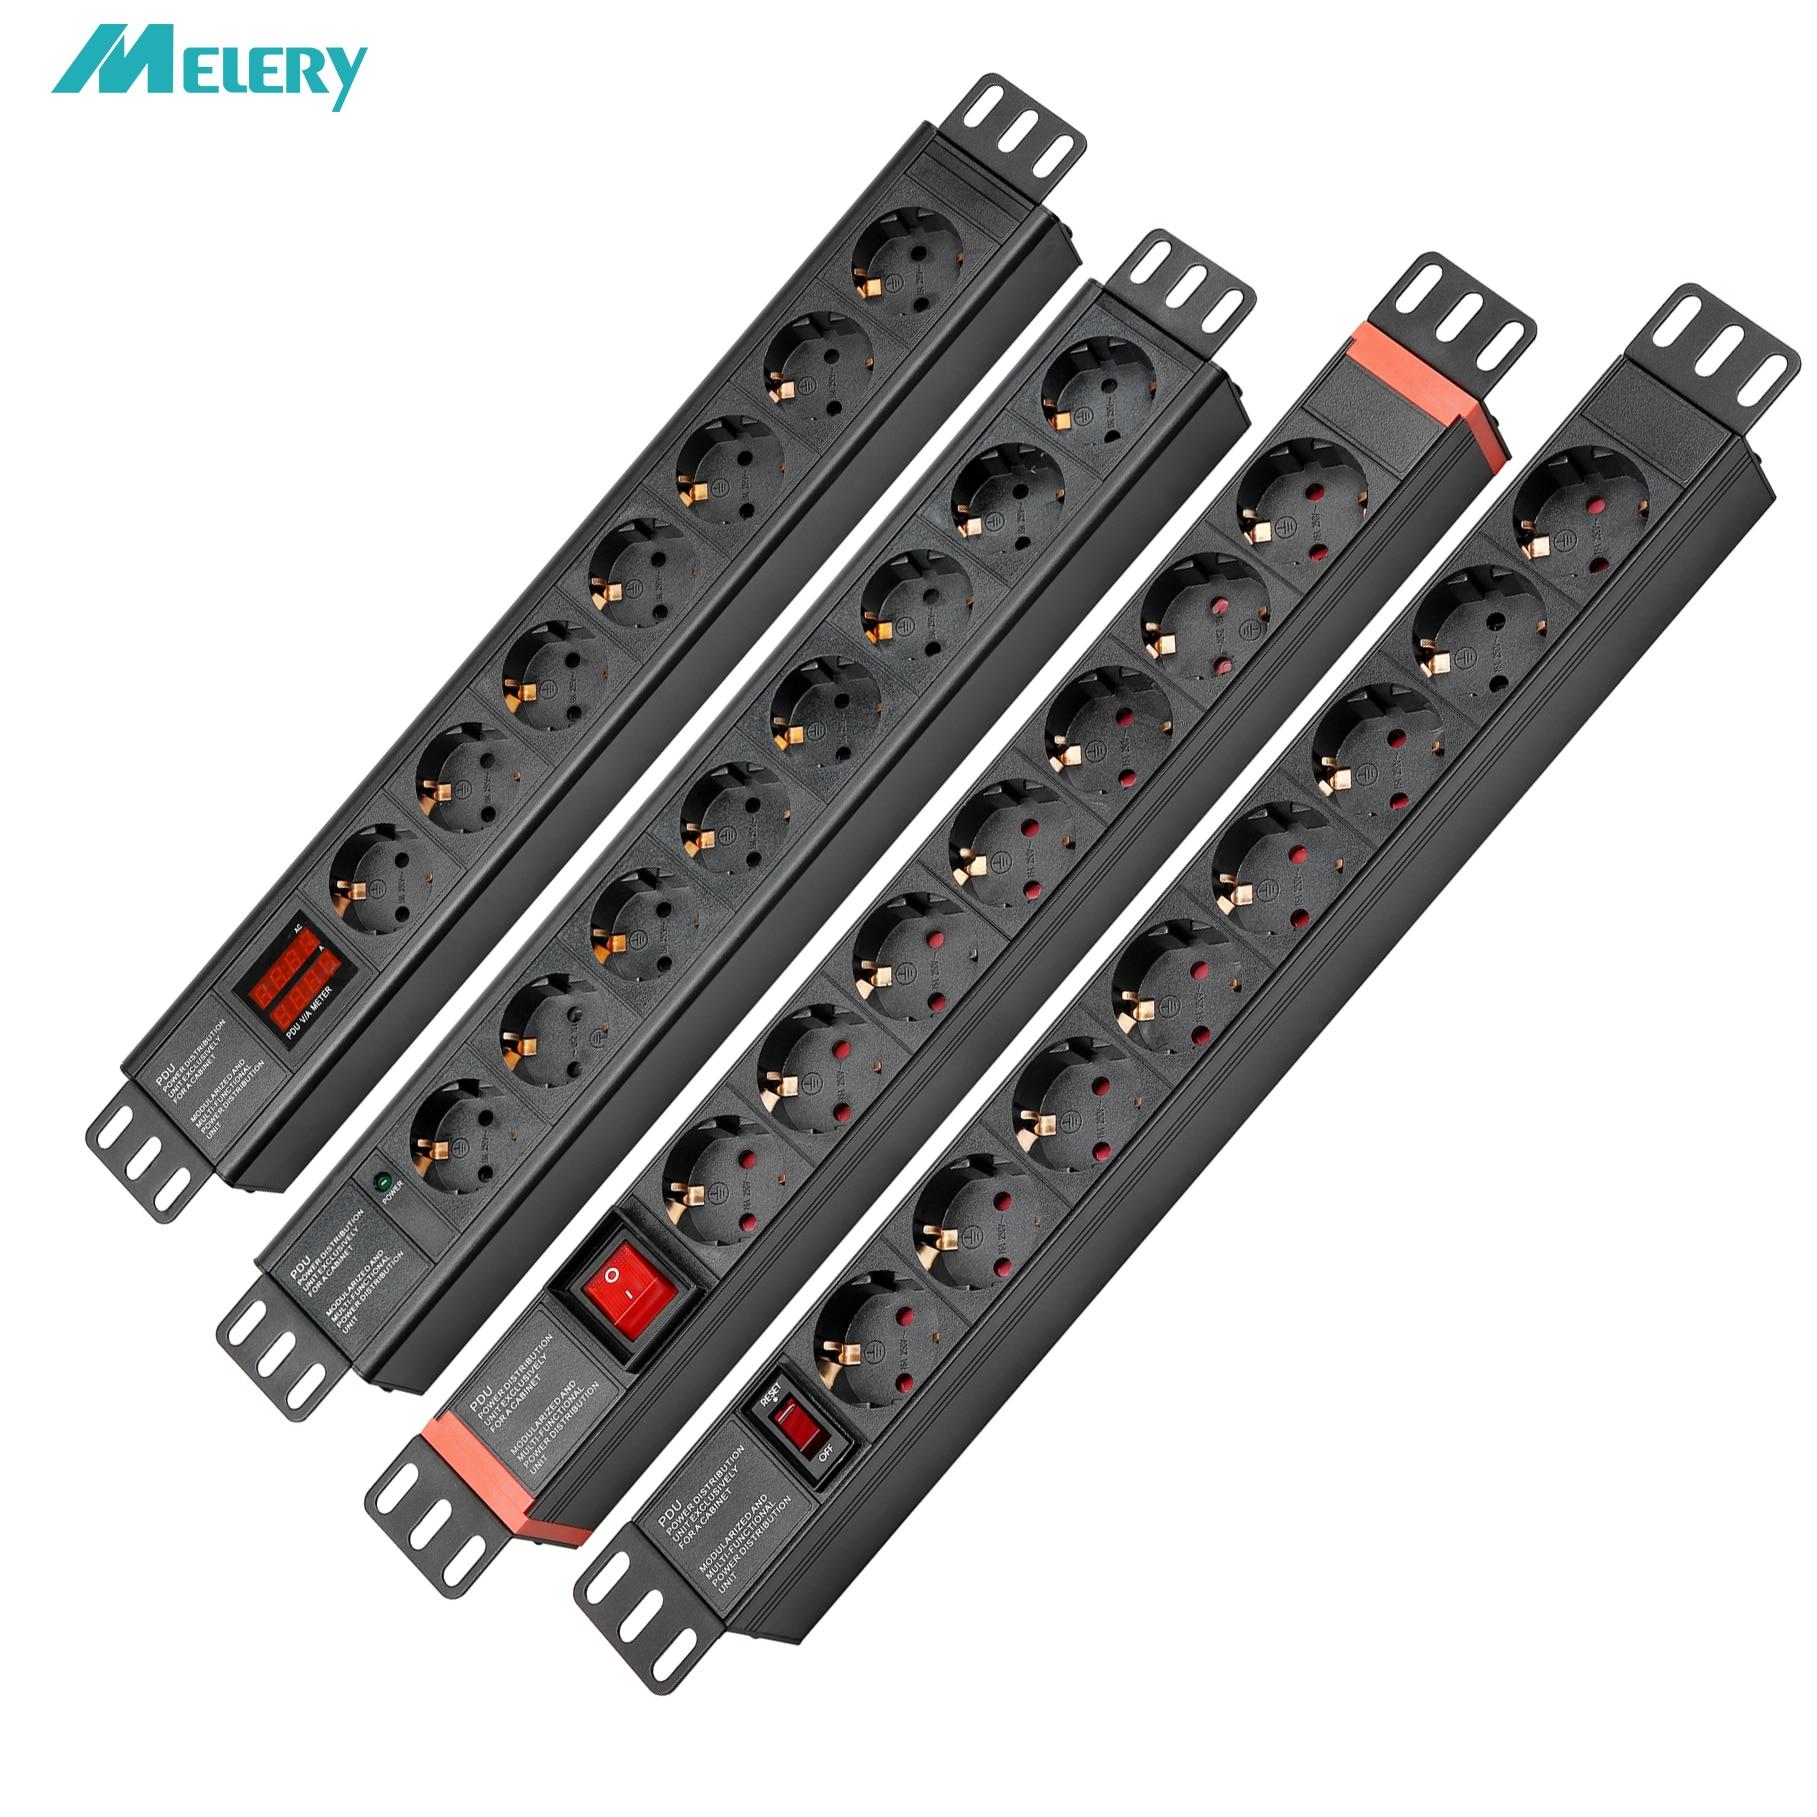 Tira de alimentación PDU 1U/1.5U 19 pulgadas 7/8 AC EU Outlets con protección de sobrecarga de interruptor/luz indicadora/cable de extensión de pantalla de CA